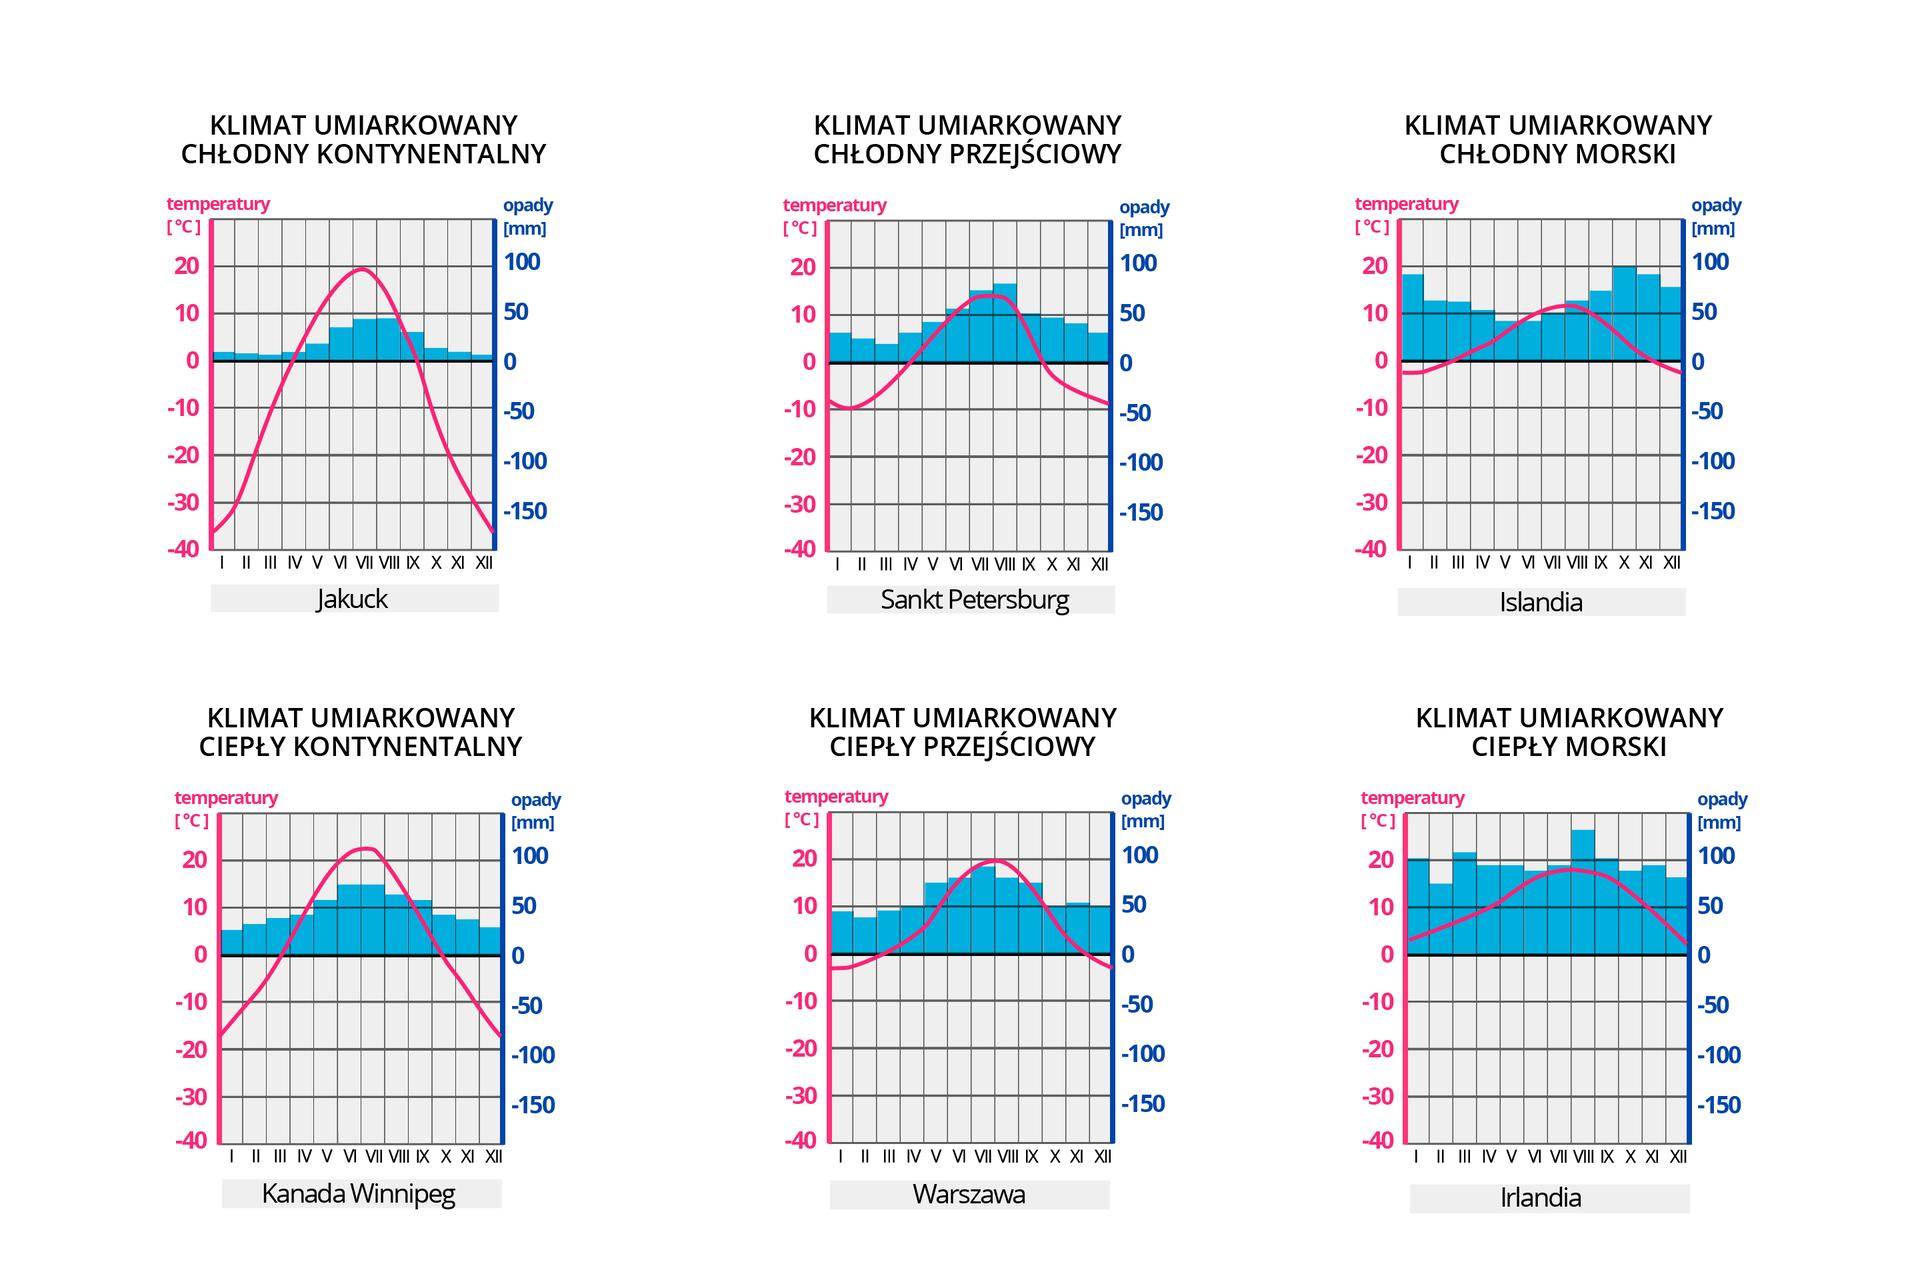 Ilustracja przedstawiająca przykłady klimatogramów dla poszczególnych typów klimatu wstrefie umiarkowanej.